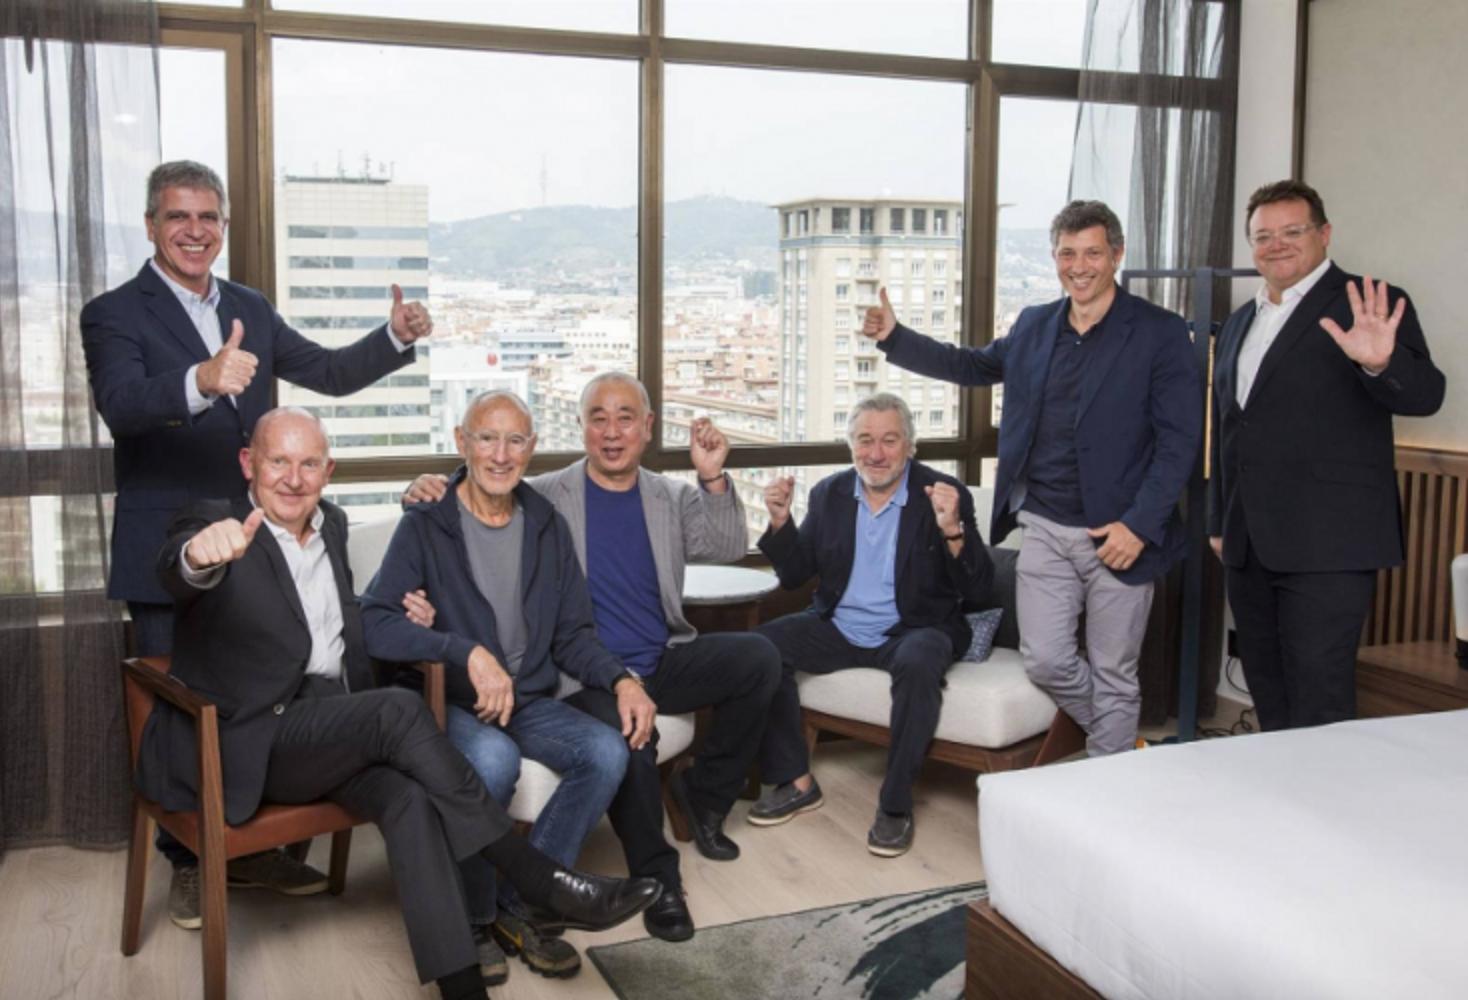 Актер Роберт Де Ниро откроет в Барселоне собственную гостиницу